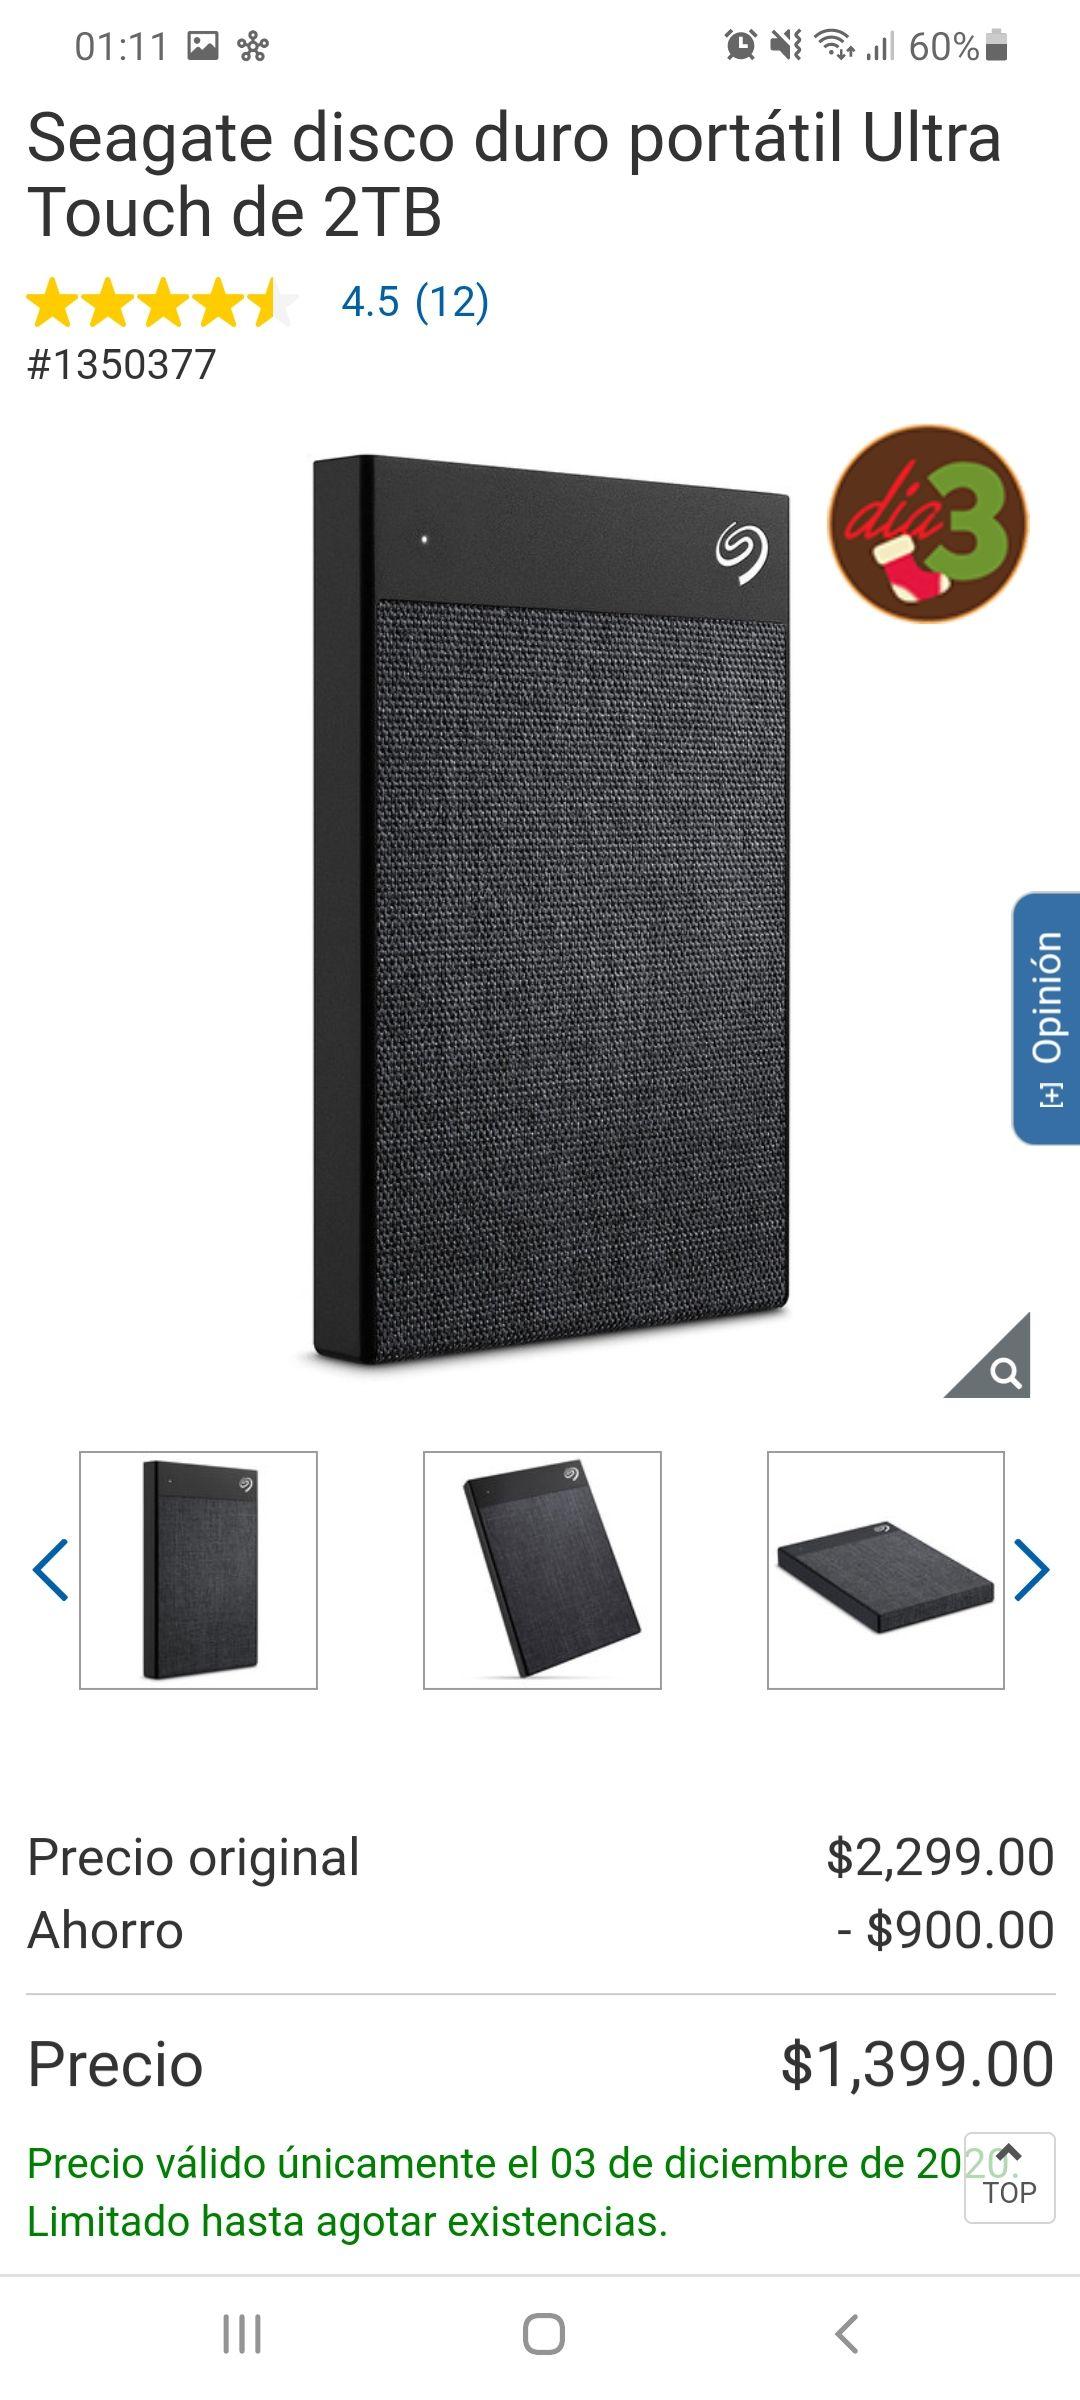 Costco: Seagate disco duro portátil Ultra Touch de 2TB